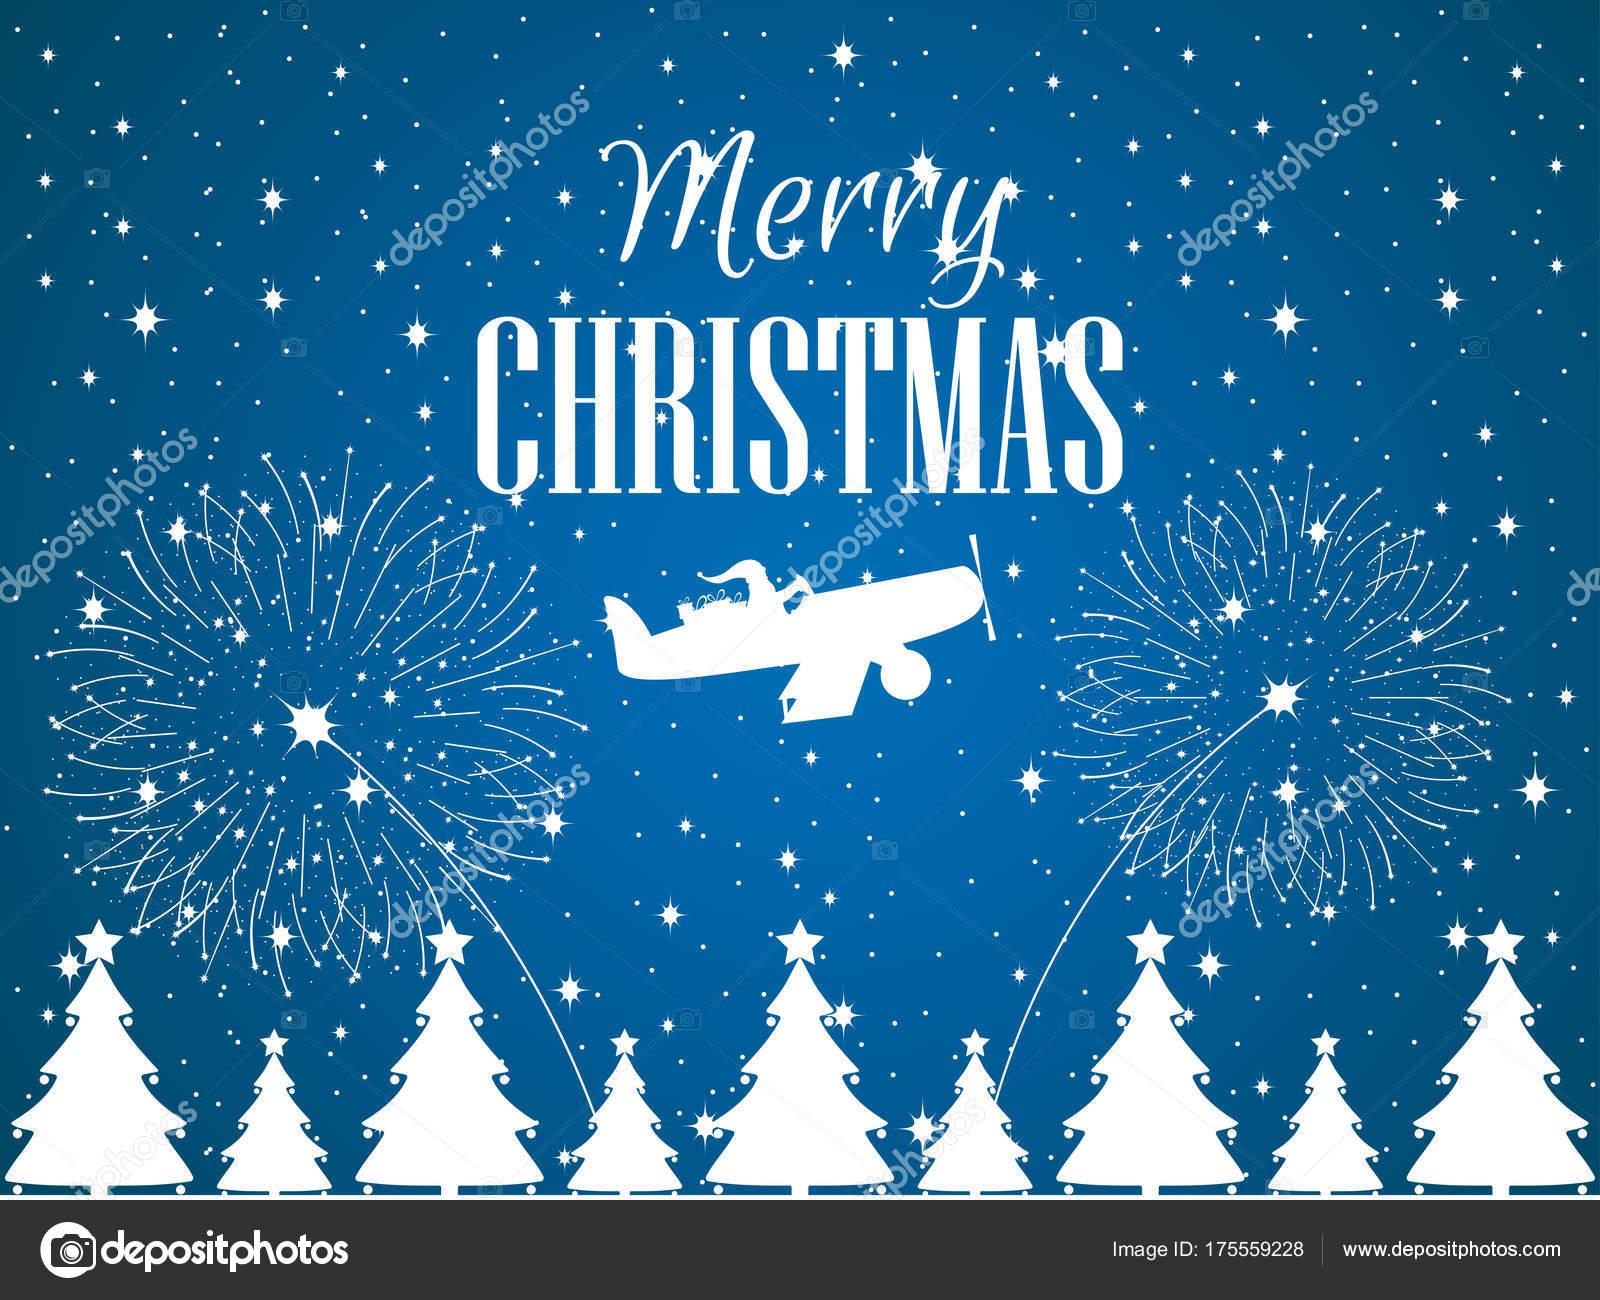 Frohe Weihnachten Flugzeug.Frohe Weihnachten Santa Claus Fliegt In Einem Flugzeug